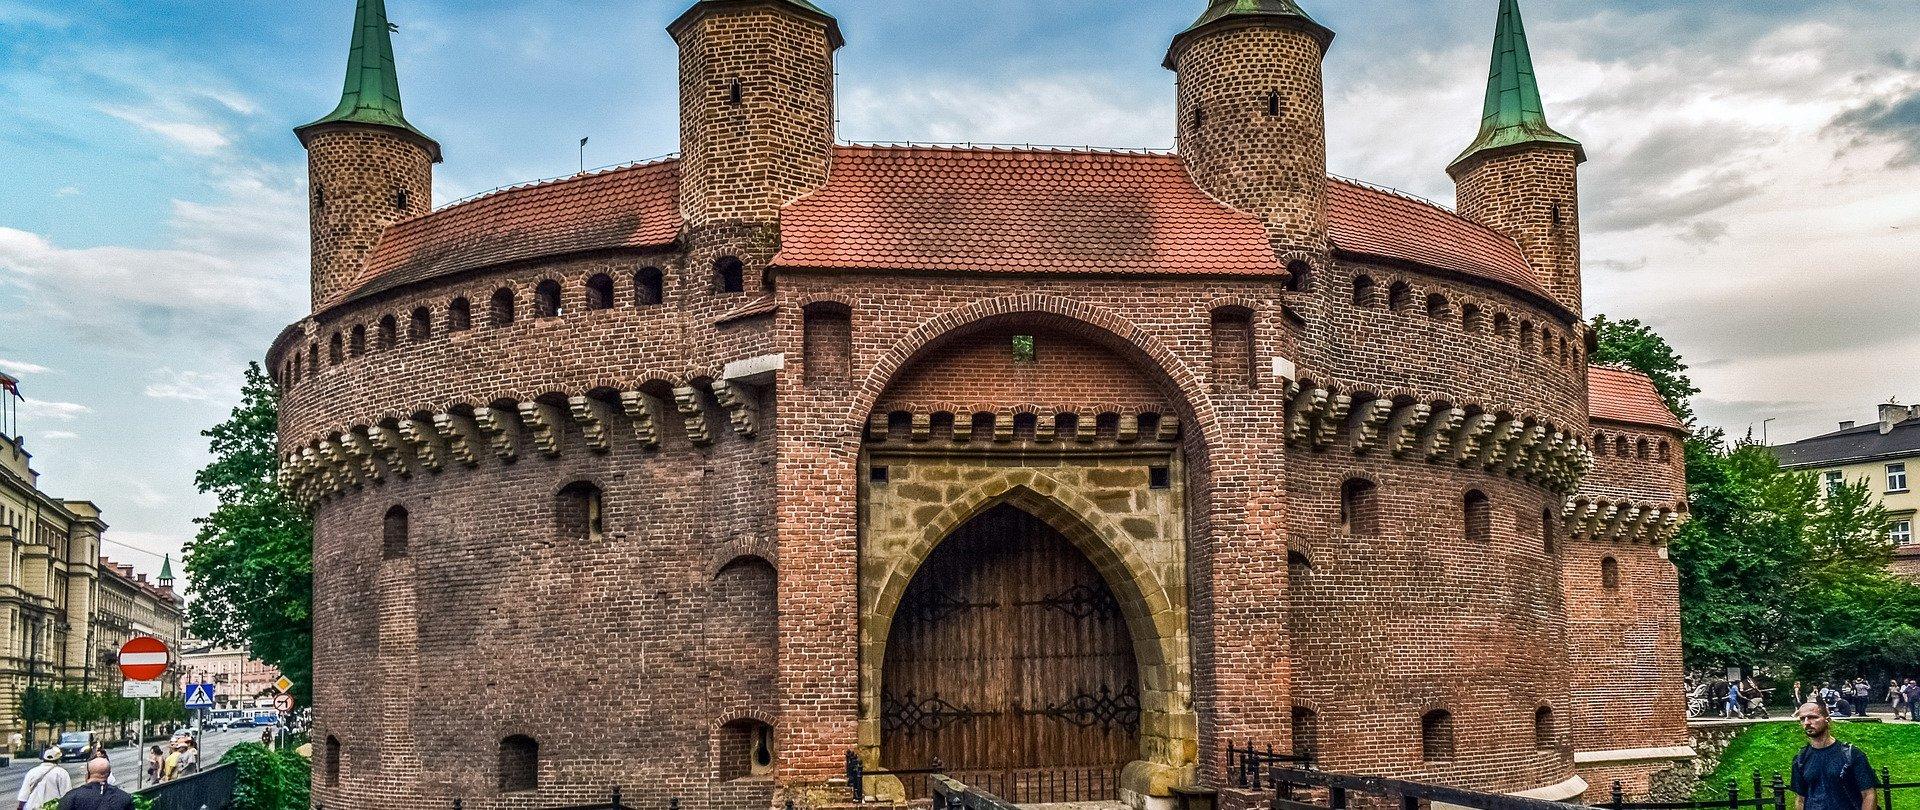 Atrakcje Krakowa - co przyciąga turystów?